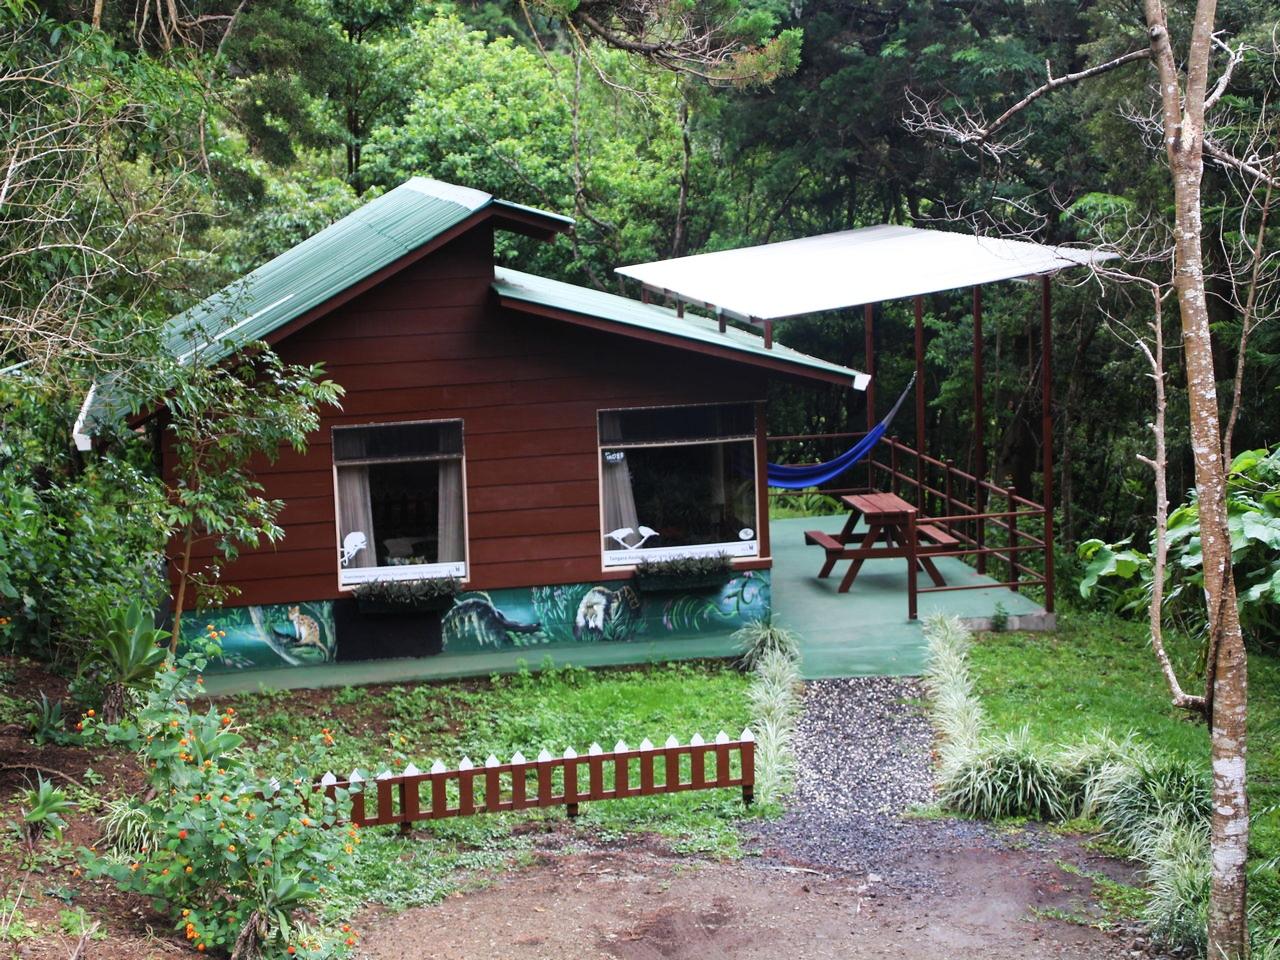 Cuánto cuesta un viaje a Costa Rica es la pregunta del millón al organizar la escapada.